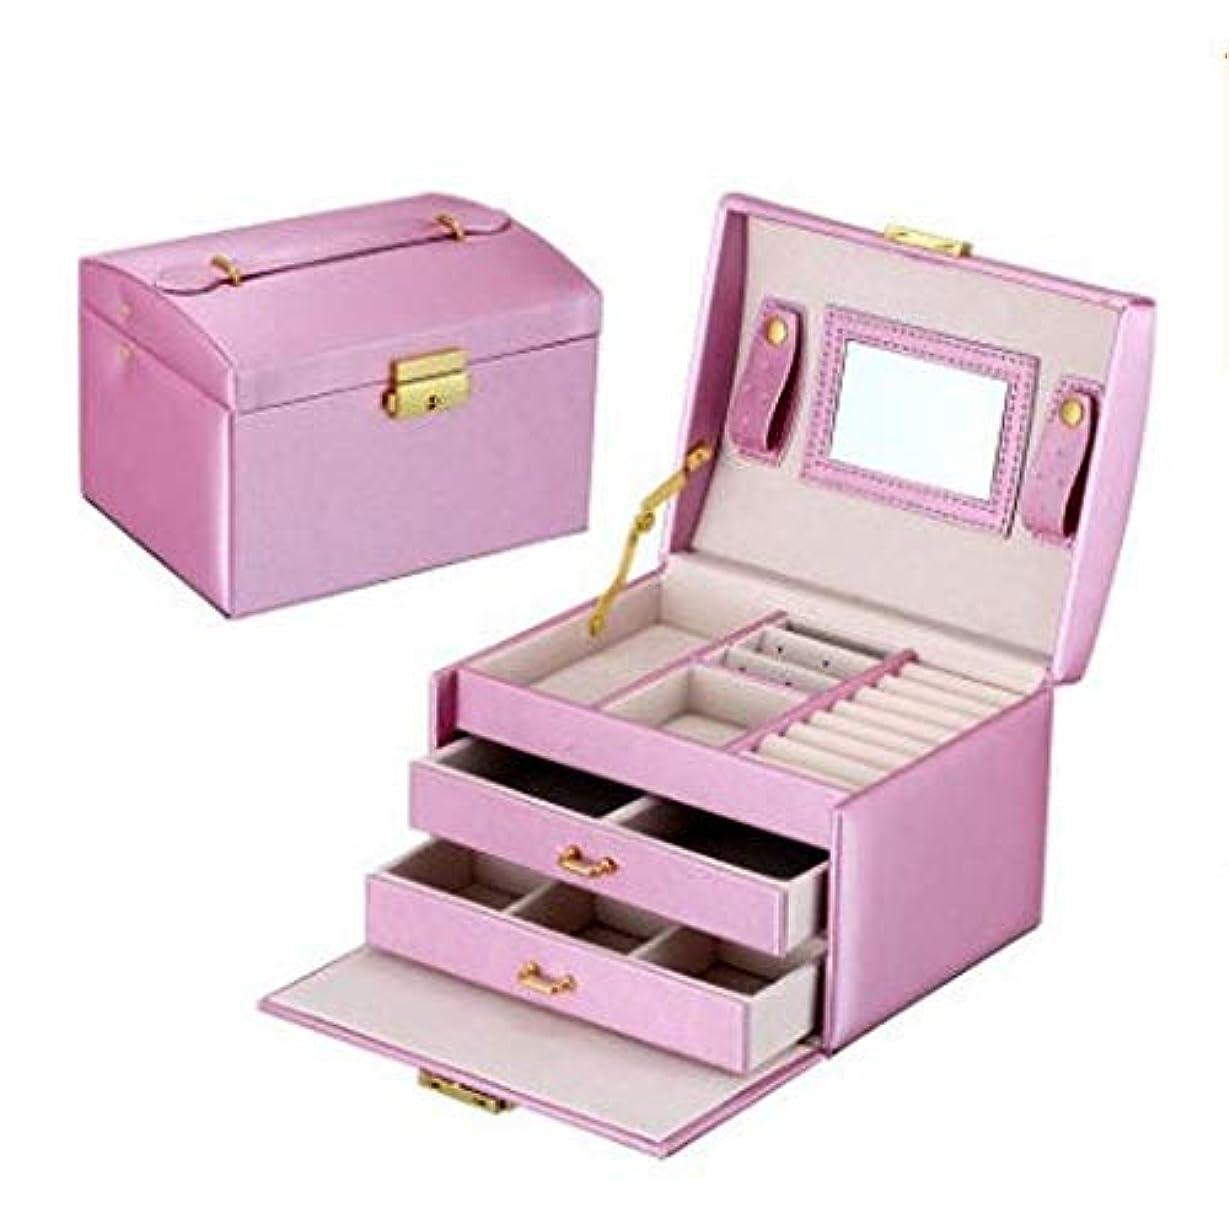 アルカトラズ島応答アリ特大スペース収納ビューティーボックス 大型人工皮革トラベルジュエリーボックス収納ボックスディスプレイリングイヤリングネックレス(5色オプション) 化粧品化粧台 (色 : Purple pink)